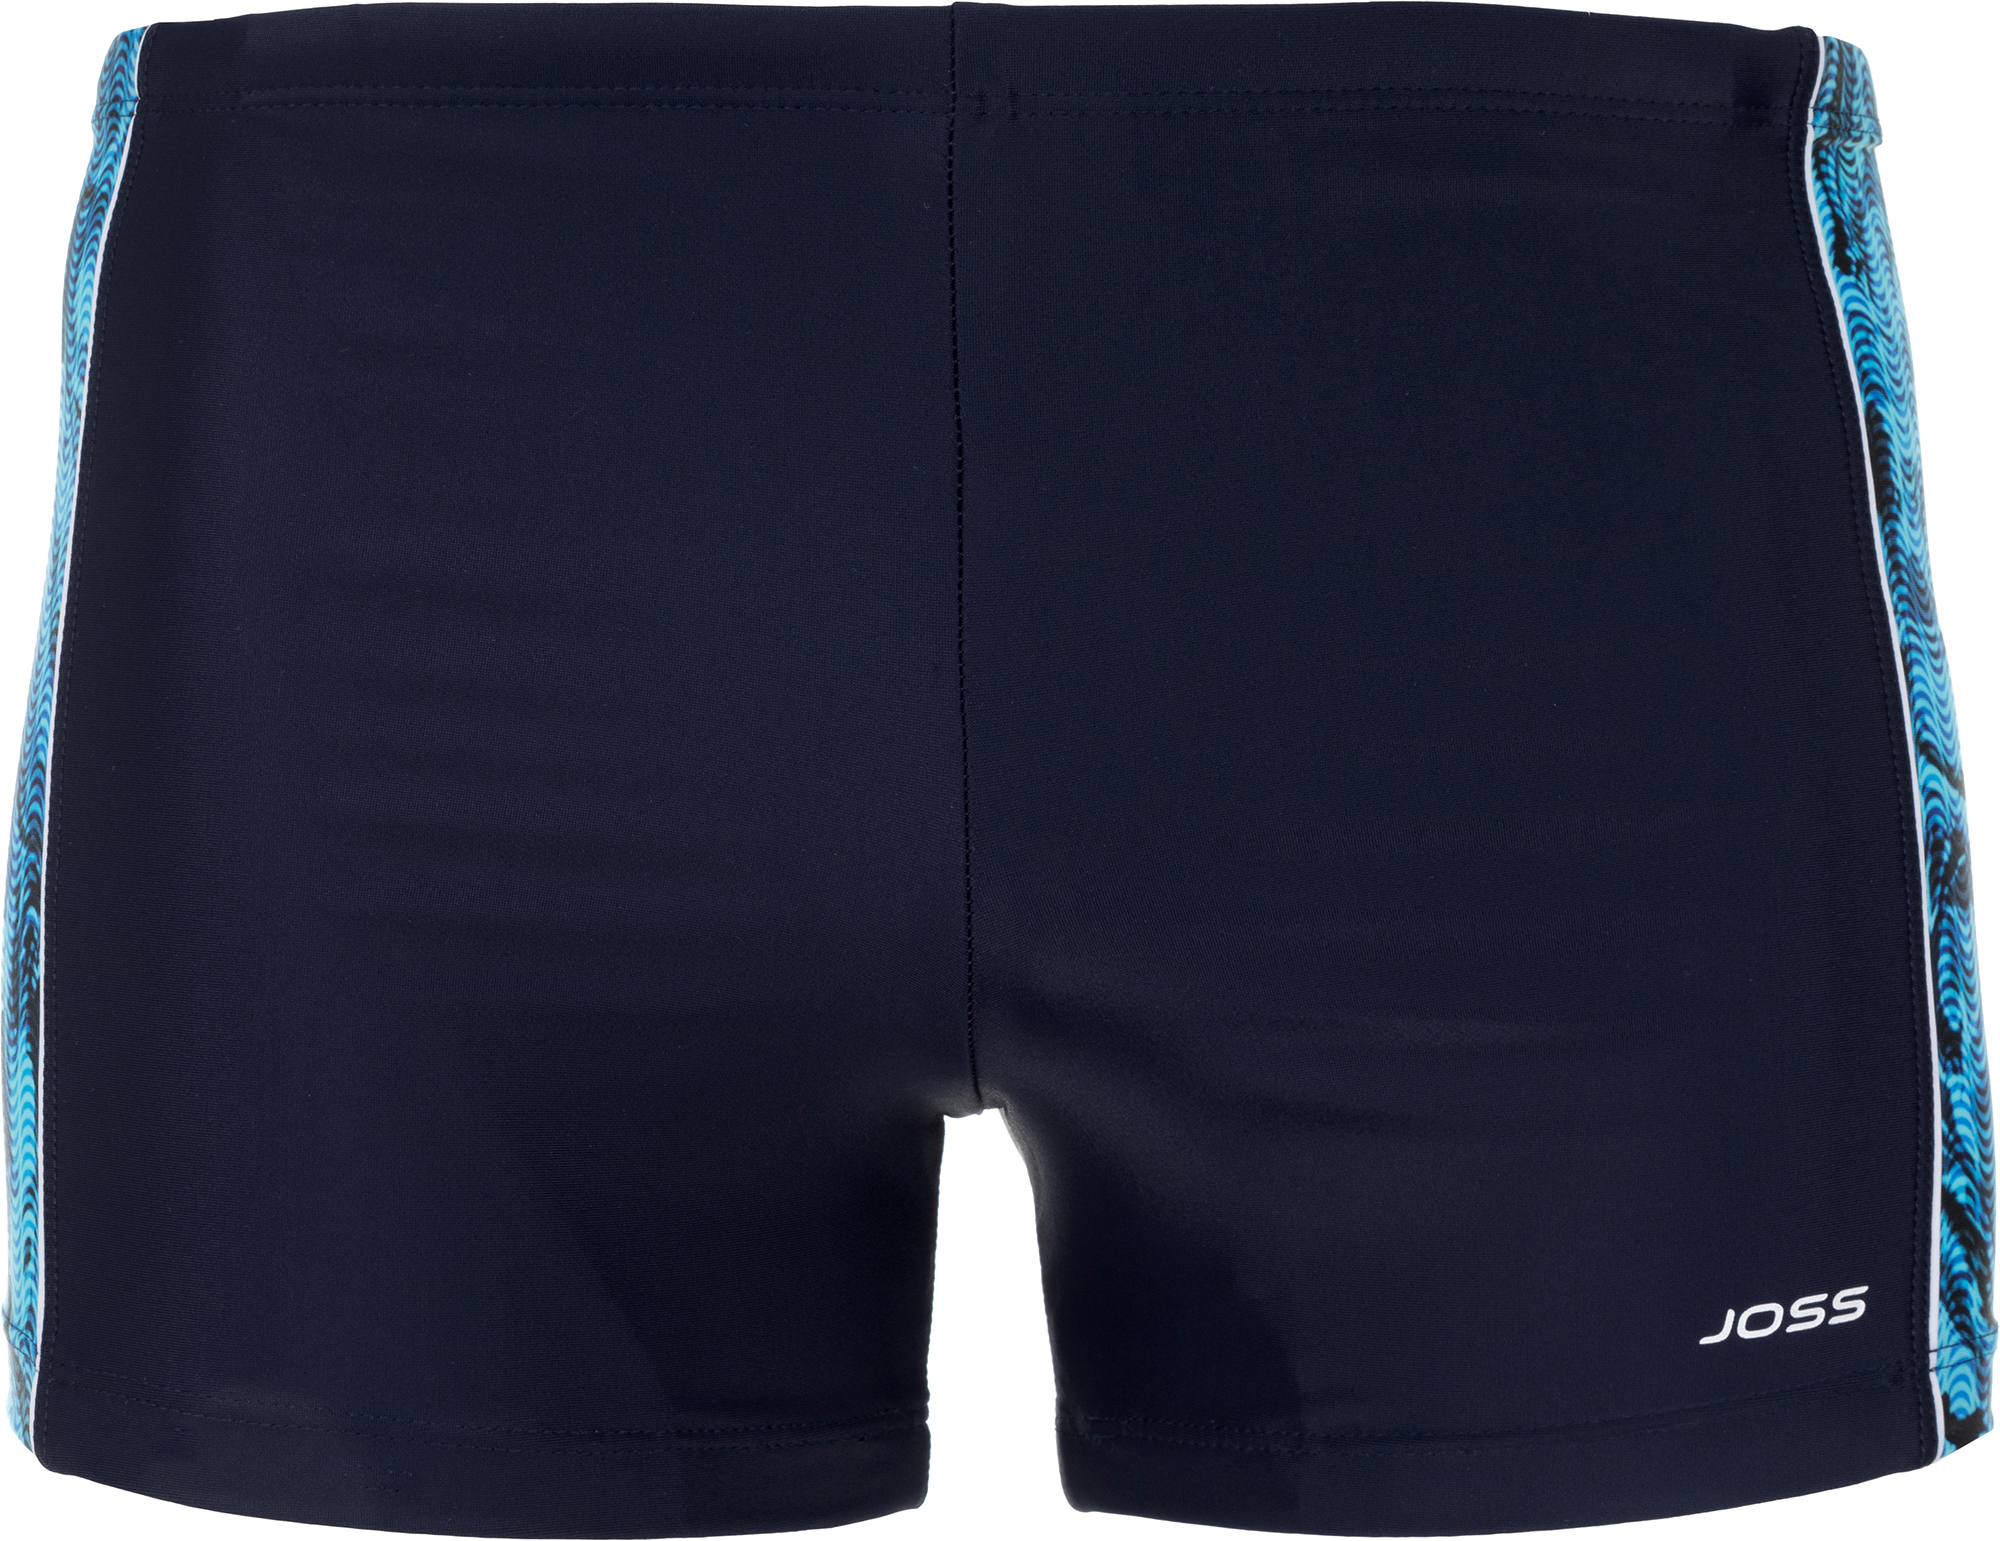 Joss Плавки-шорты мужские Joss, размер 58 цена